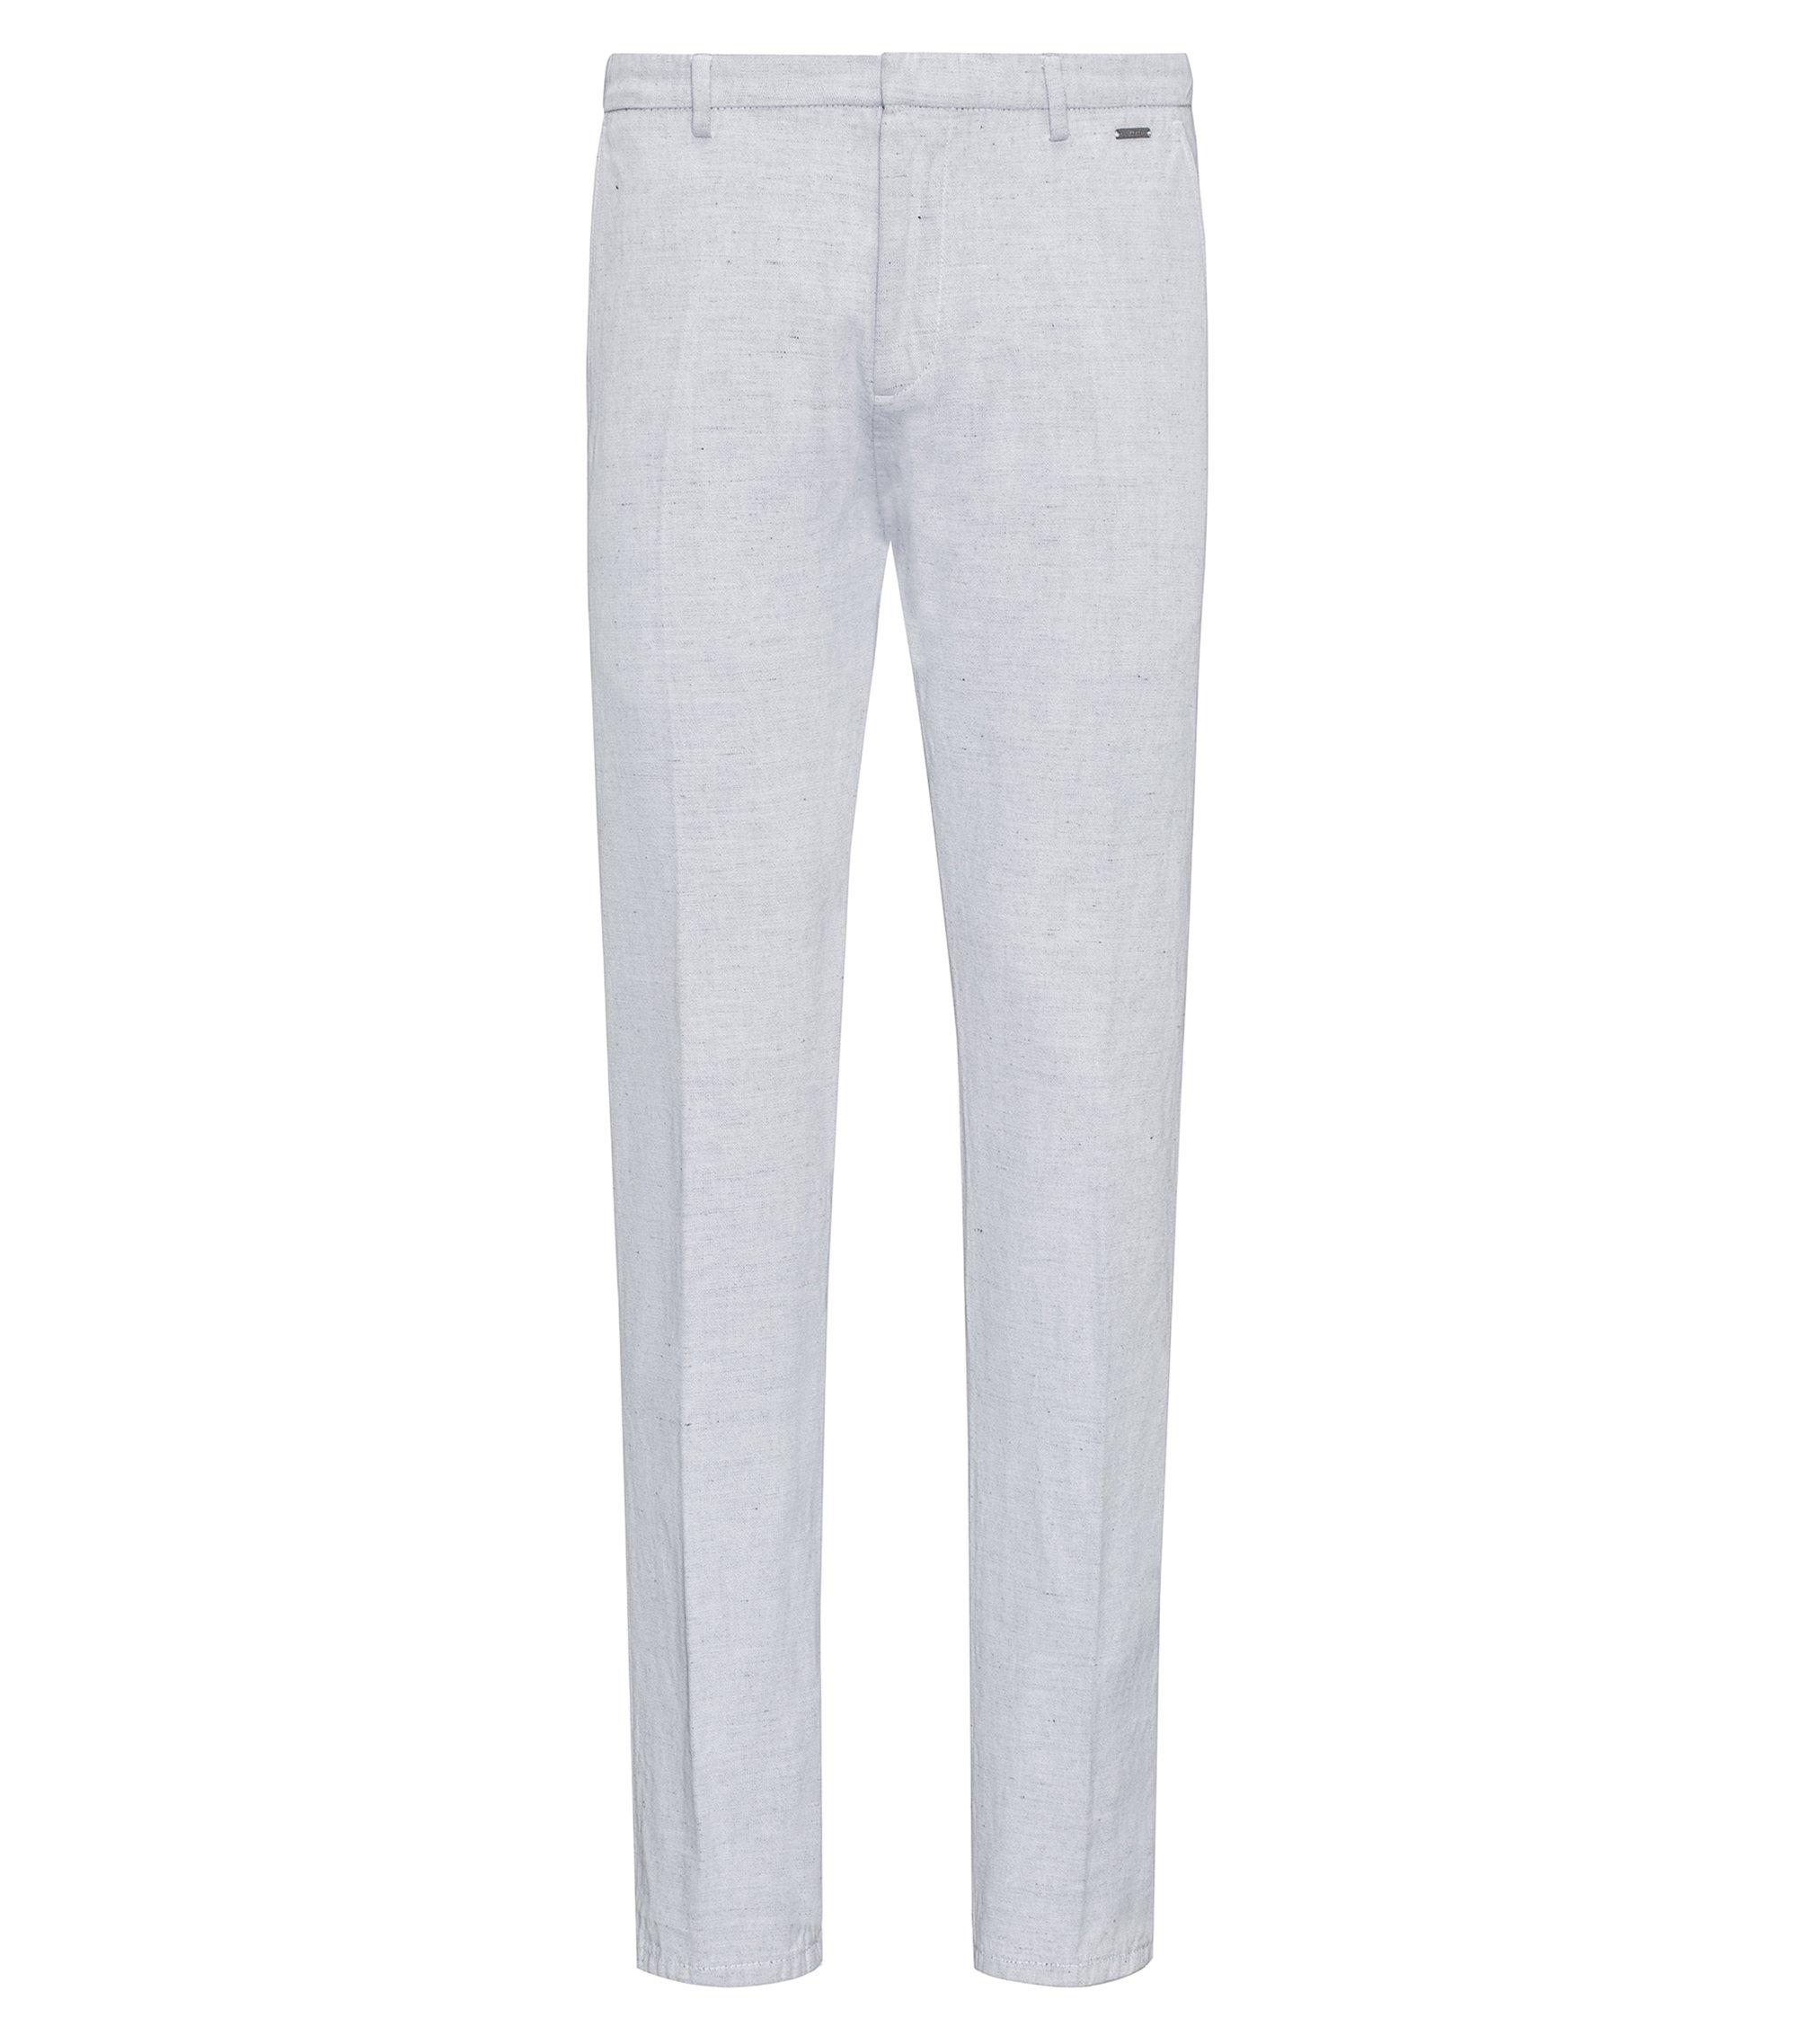 Pantalon Slim Fit teint, en coton avec une touche de lin, Blanc